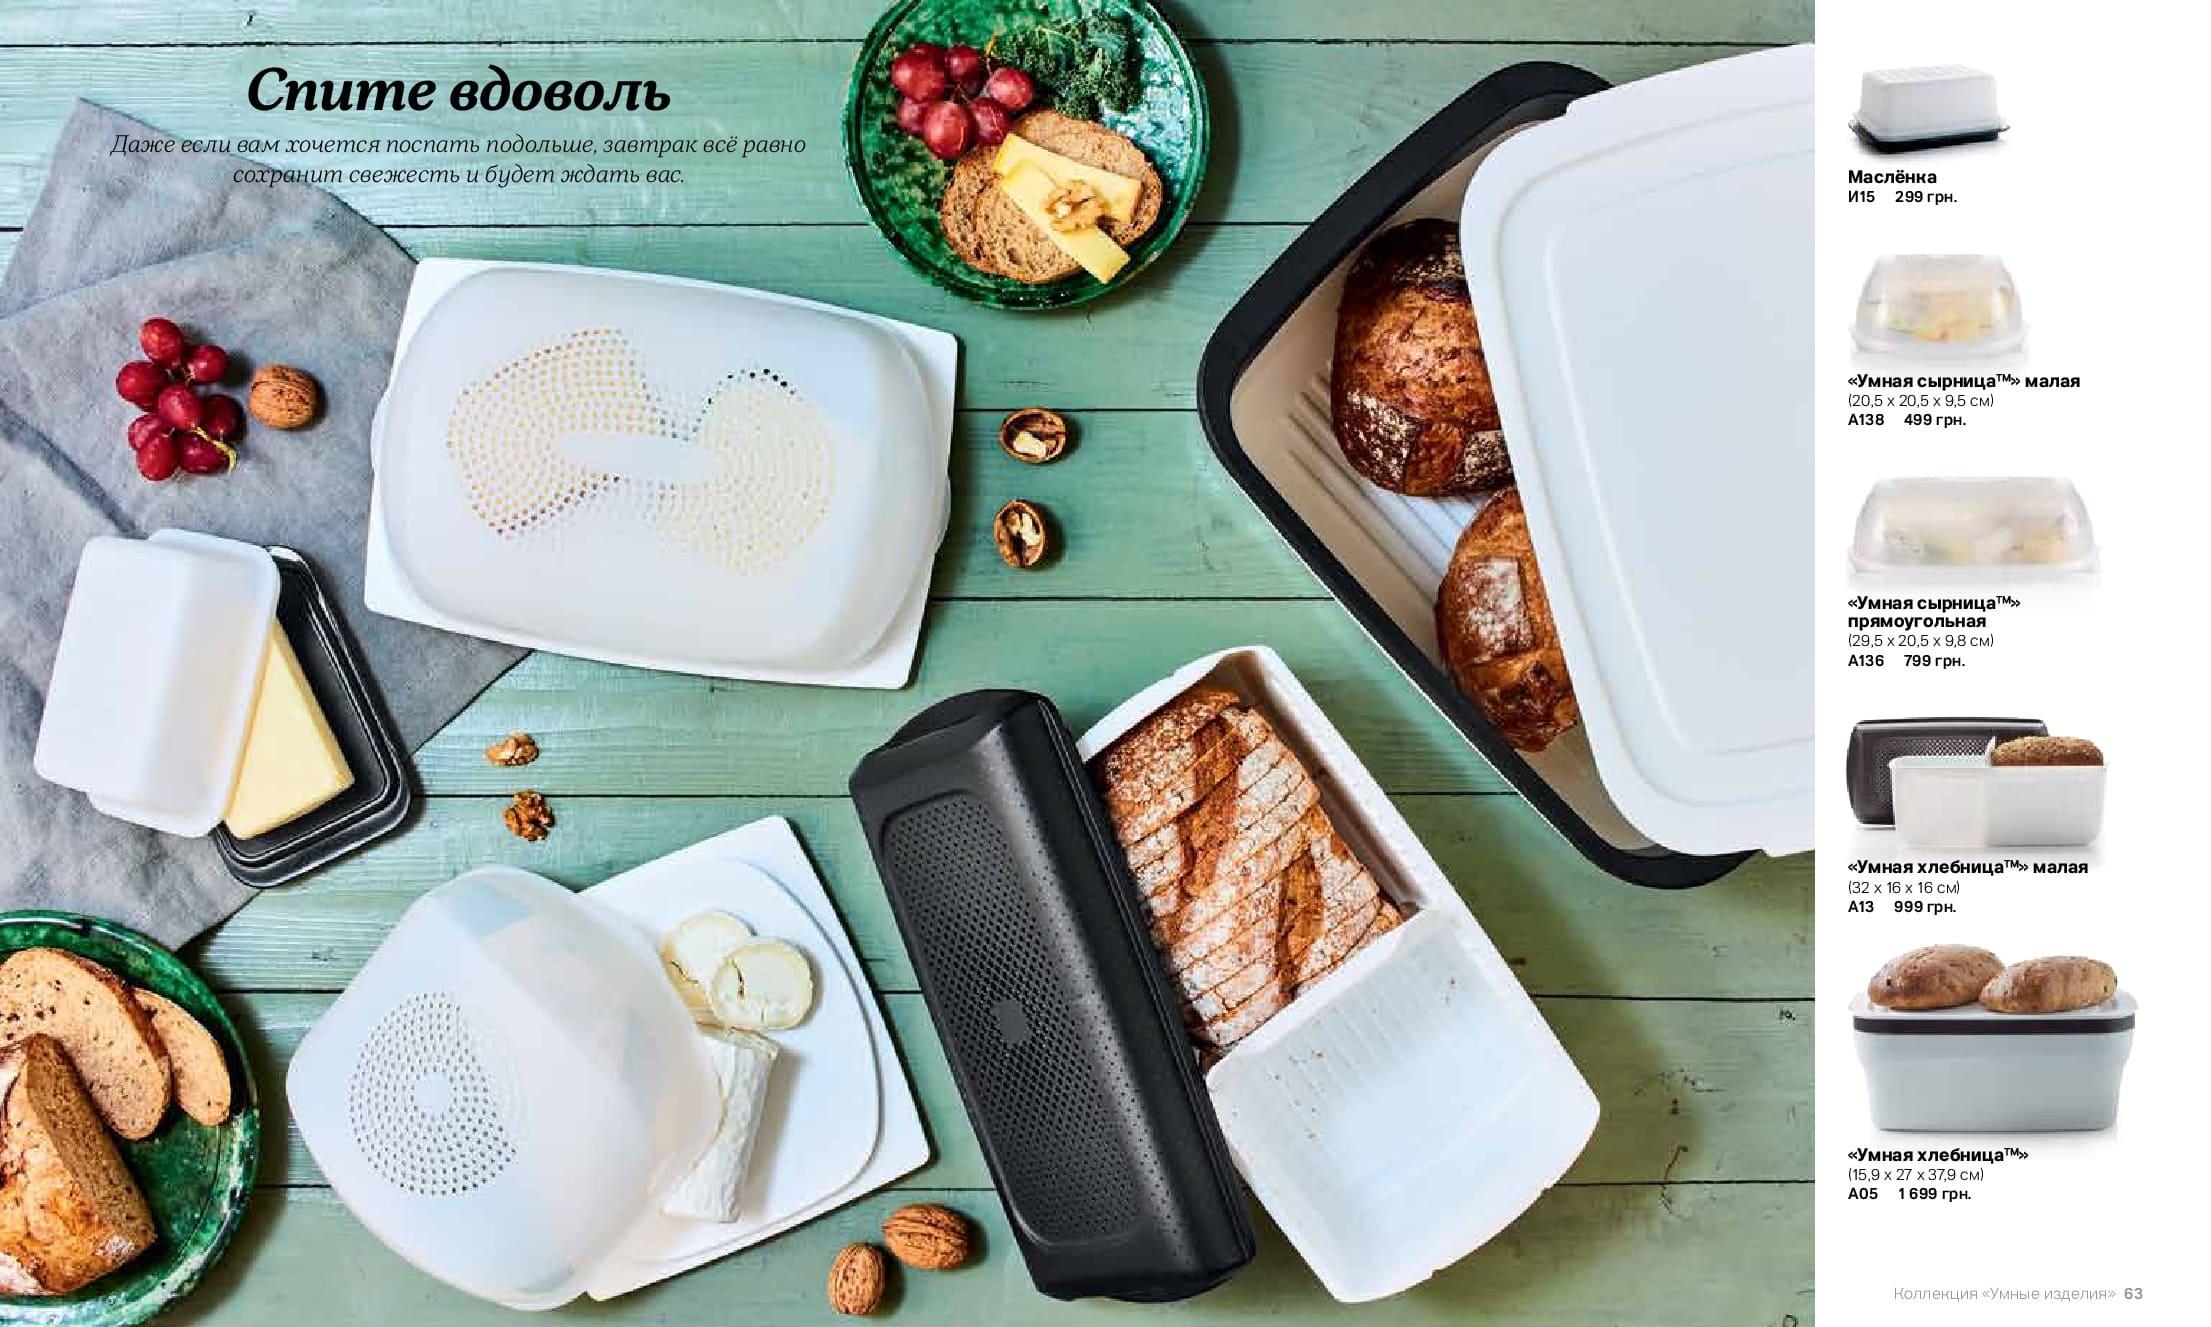 Умное хранение хлеба, сыра и колбасы, благодаря запатентованной Система контроля конденсата™, продукты хранятся в несколько раз дольше.